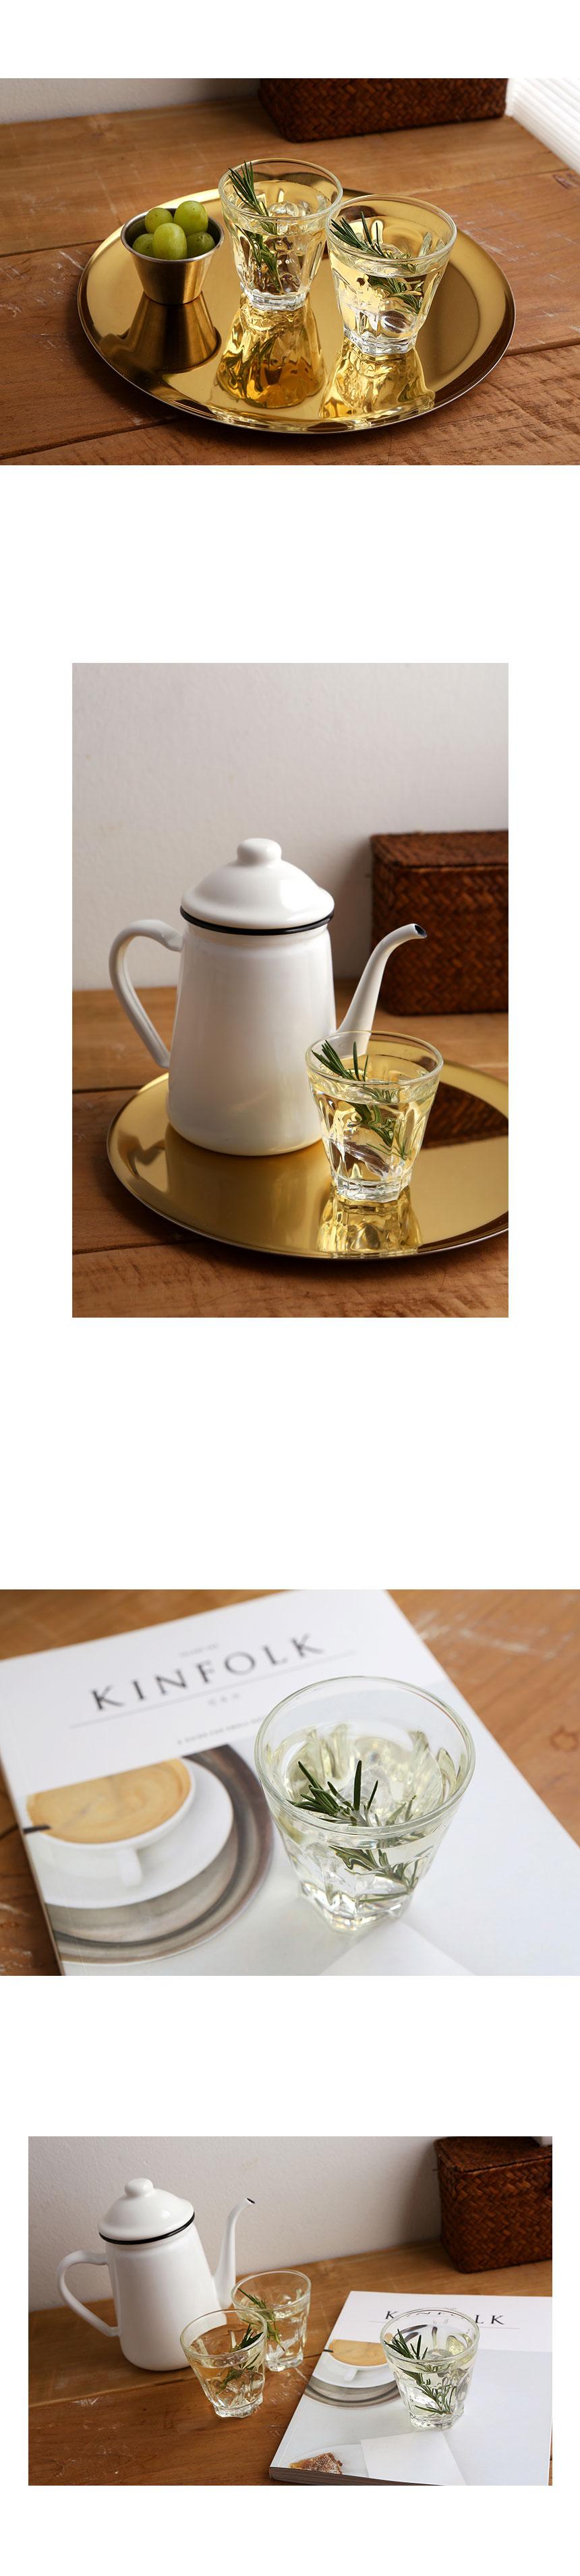 럭키글라스 앤틱 빈티지 카페 유리 커피잔컵 6oz.(170ml) - 글라스코, 1,220원, 유리컵/술잔, 유리컵